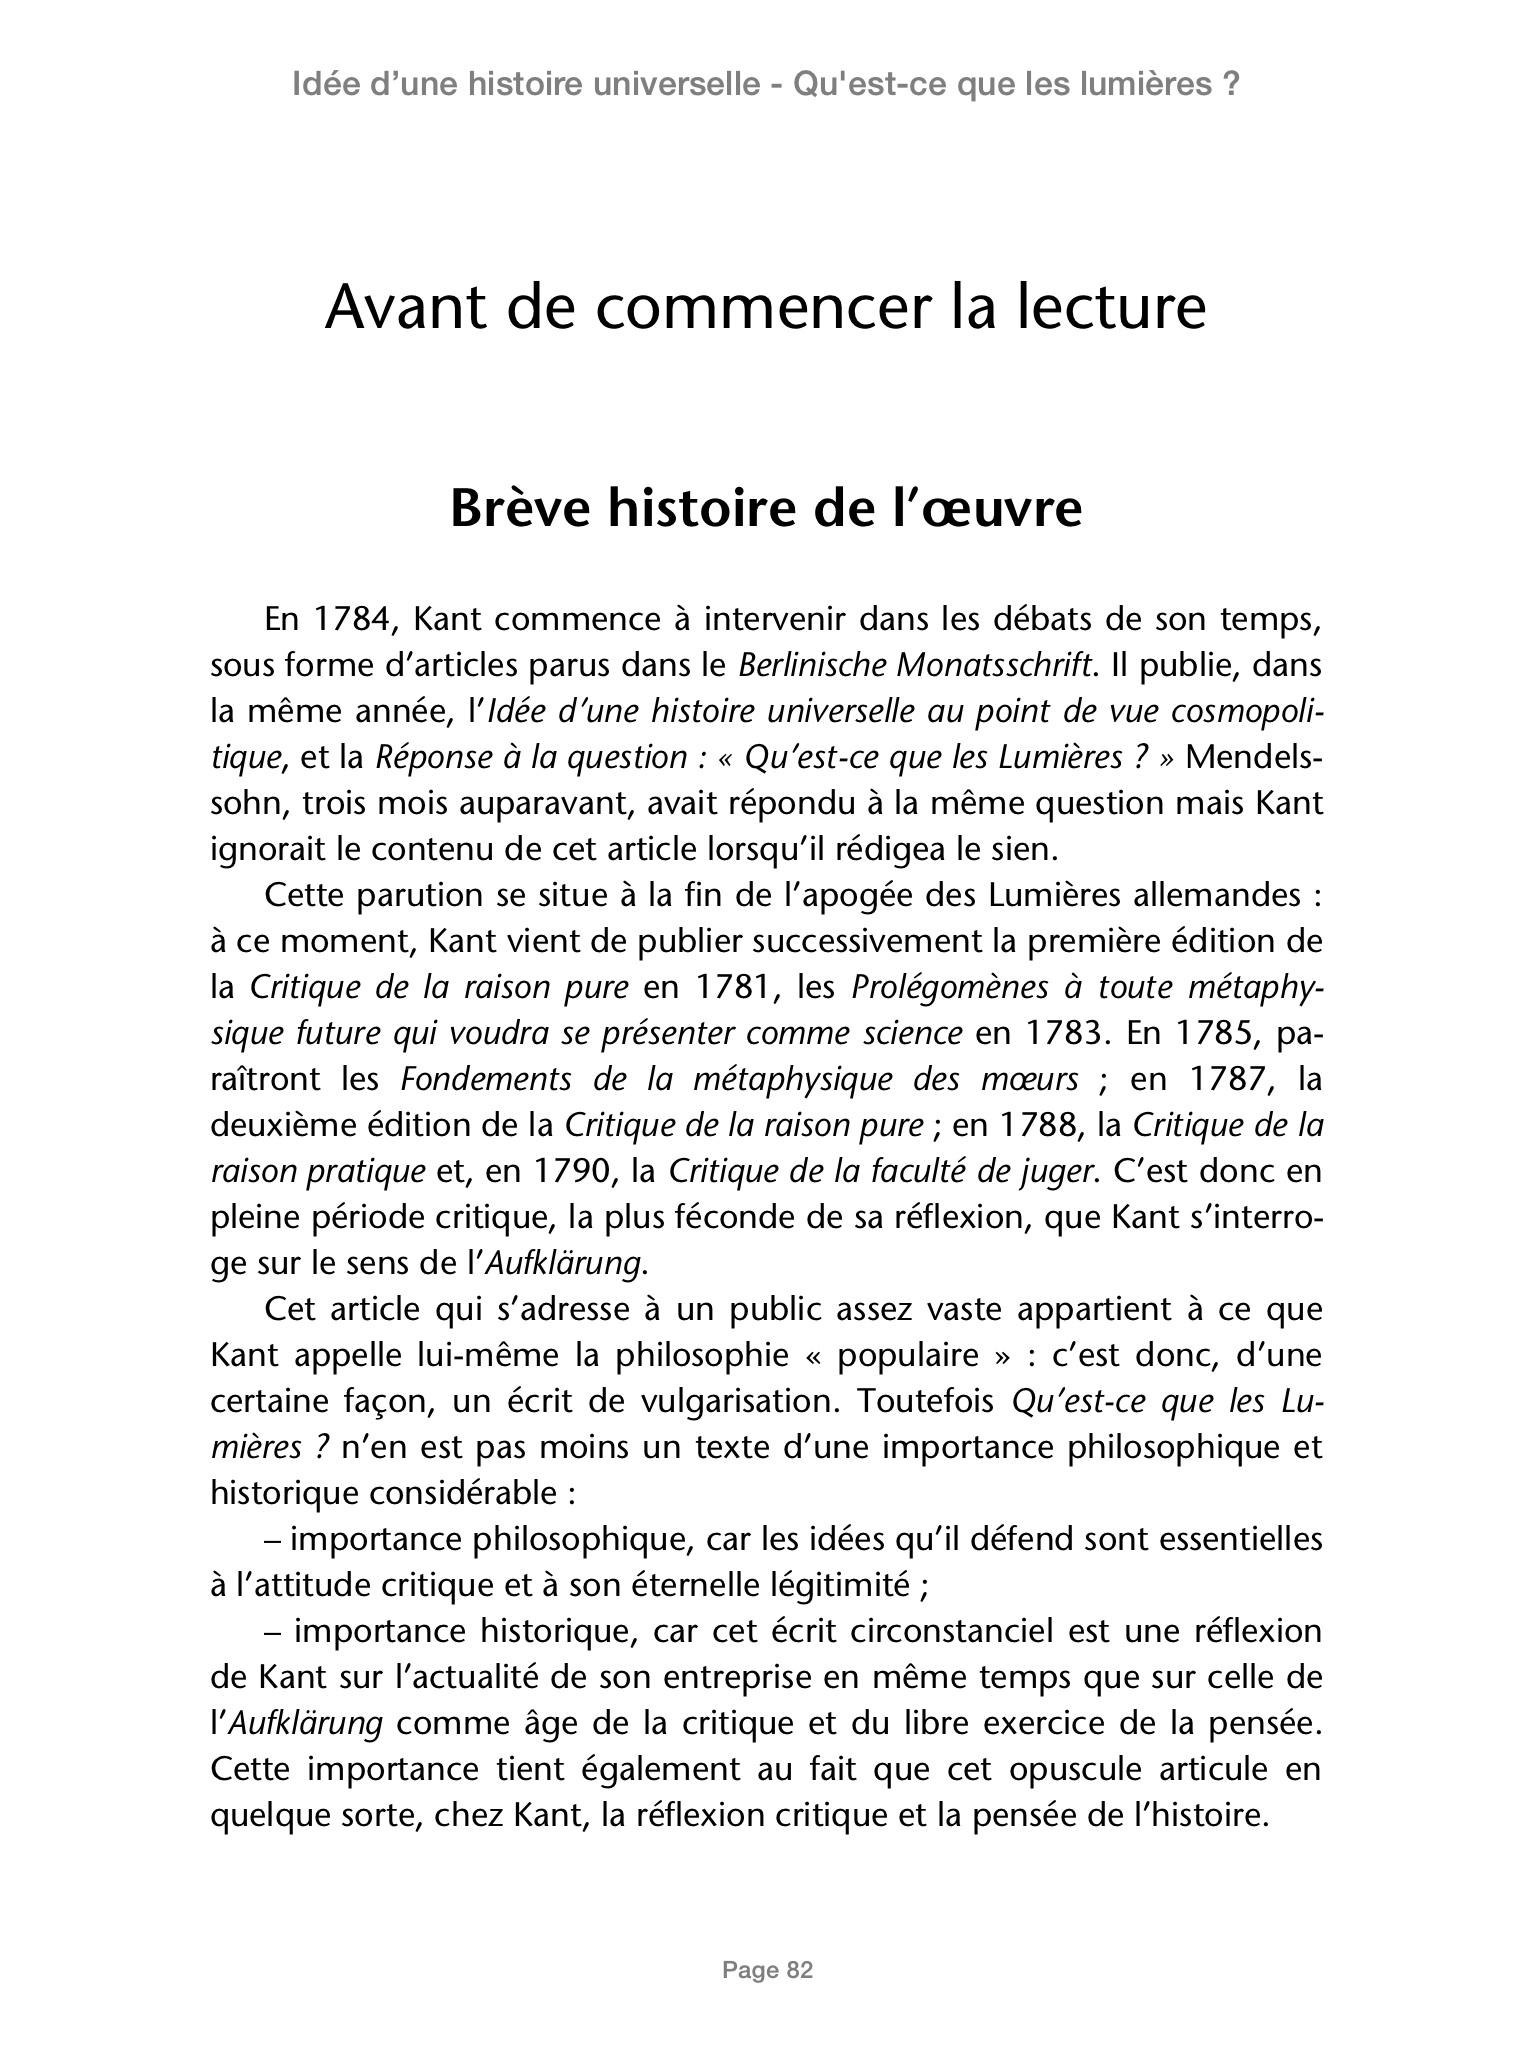 Idee D Une Histoire Universelle Au Point De Vue Emmanuel Kant